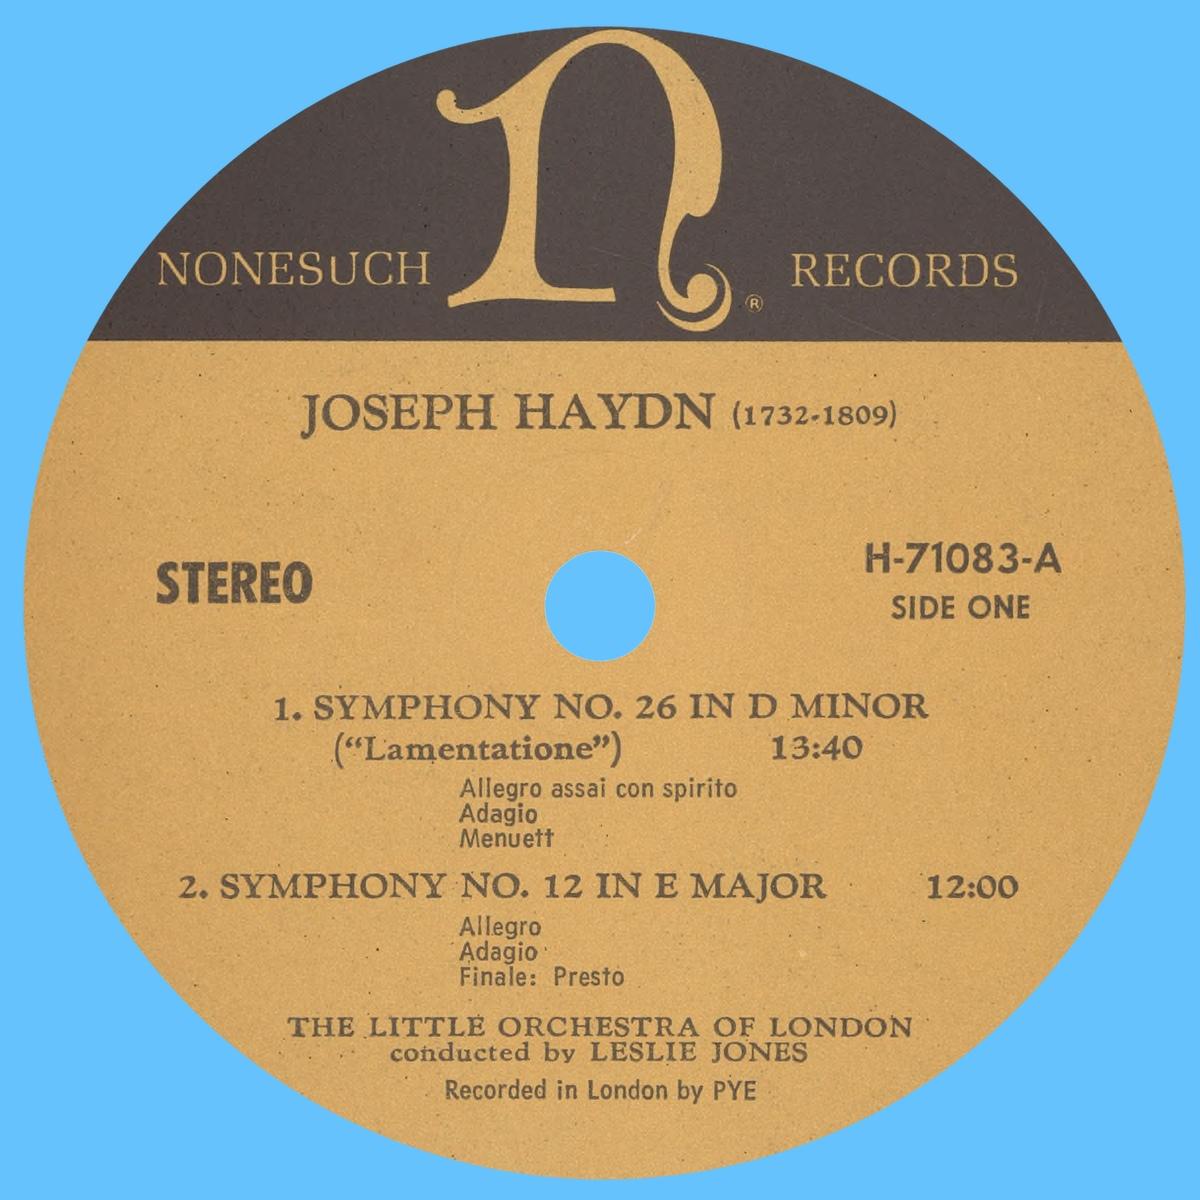 Étiquette recto du disque Nonesuch H 71083